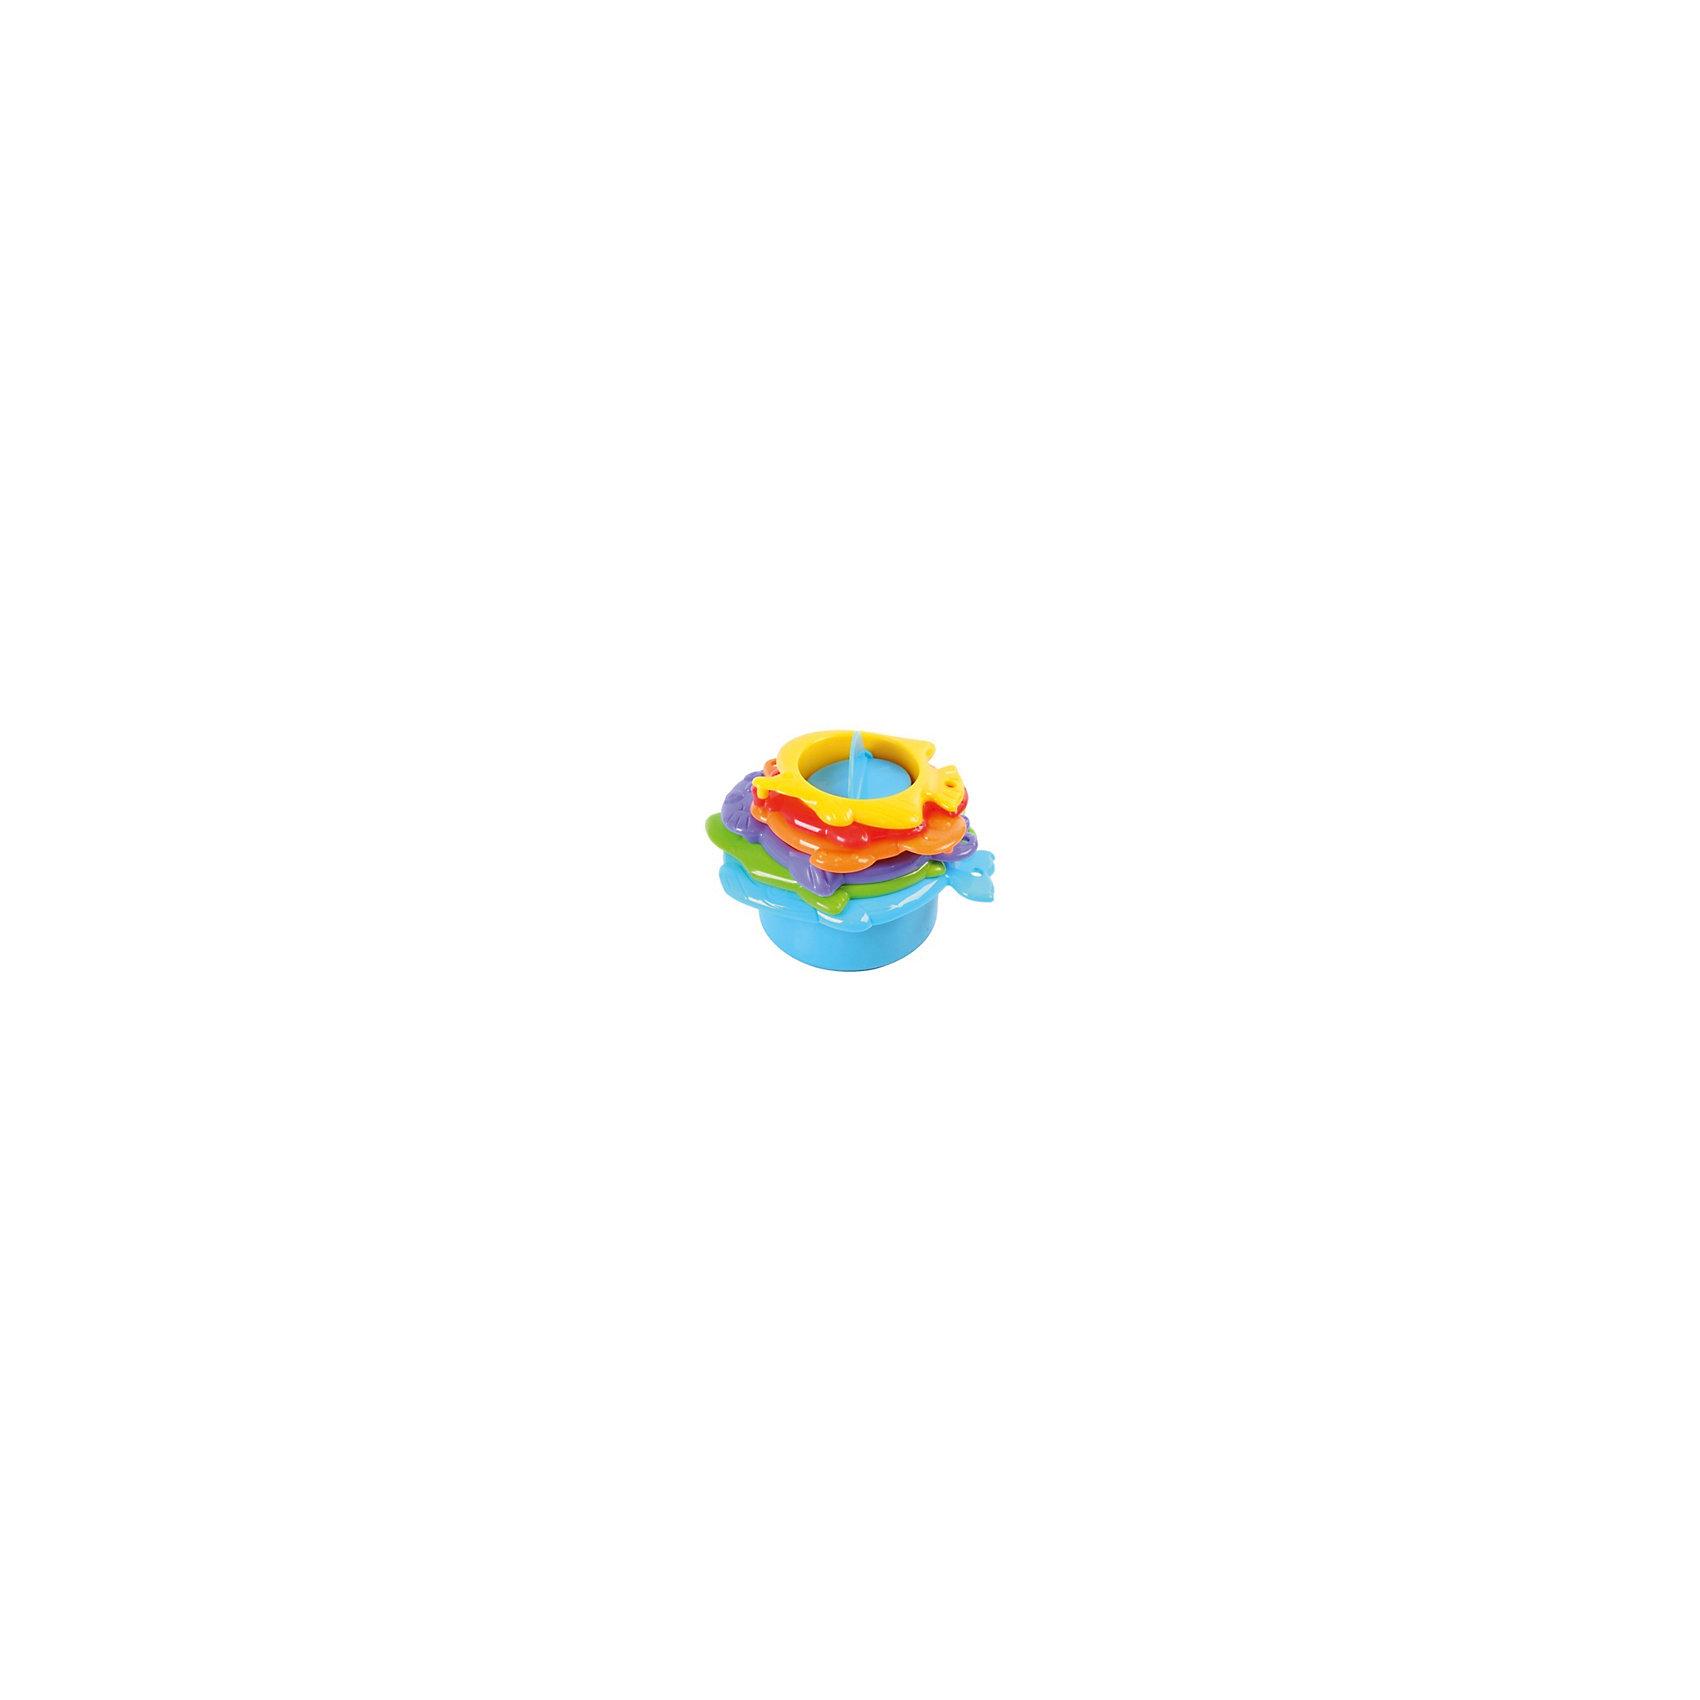 Игровой набор для ванной, PlaygoИгровые наборы<br>Игровой набор для ванной, Playgo<br><br>Характеристики:<br>- Материал: пластик<br>- В комплект входит: 6 предметов<br>- Размер: 22 * 7,5 * 15 см. <br>Игровой набор от известного китайского бренда развивающих игрушек для детей Playgo (Плейго) станет прекрасным подарком для крохи. Шесть веселых морских жителей с радостью будут проводить время в ванной вместе с малышом. Рыбки, черепашка и даже тюлень в разных цветовых гаммах помогут выучить цвета, а разные дизайны дна формочек будут выливать воду по-разному. Детали соединяются друг с другом и могут складываться большая в меньшую, как пирамидка. Игрушка способствует развитию логики, тактильных ощущений, воображения, светового восприятия и моторики ручек.<br>Игровой набор для ванной, Playgo (Плейго) можно купить в нашем интернет-магазине.<br>Подробнее:<br>• Для детей в возрасте: от 6 месяцев до 3 лет <br>• Номер товара: 5054065<br>Страна производитель: Китай<br><br>Ширина мм: 150<br>Глубина мм: 220<br>Высота мм: 70<br>Вес г: 250<br>Возраст от месяцев: 12<br>Возраст до месяцев: 36<br>Пол: Унисекс<br>Возраст: Детский<br>SKU: 5054065